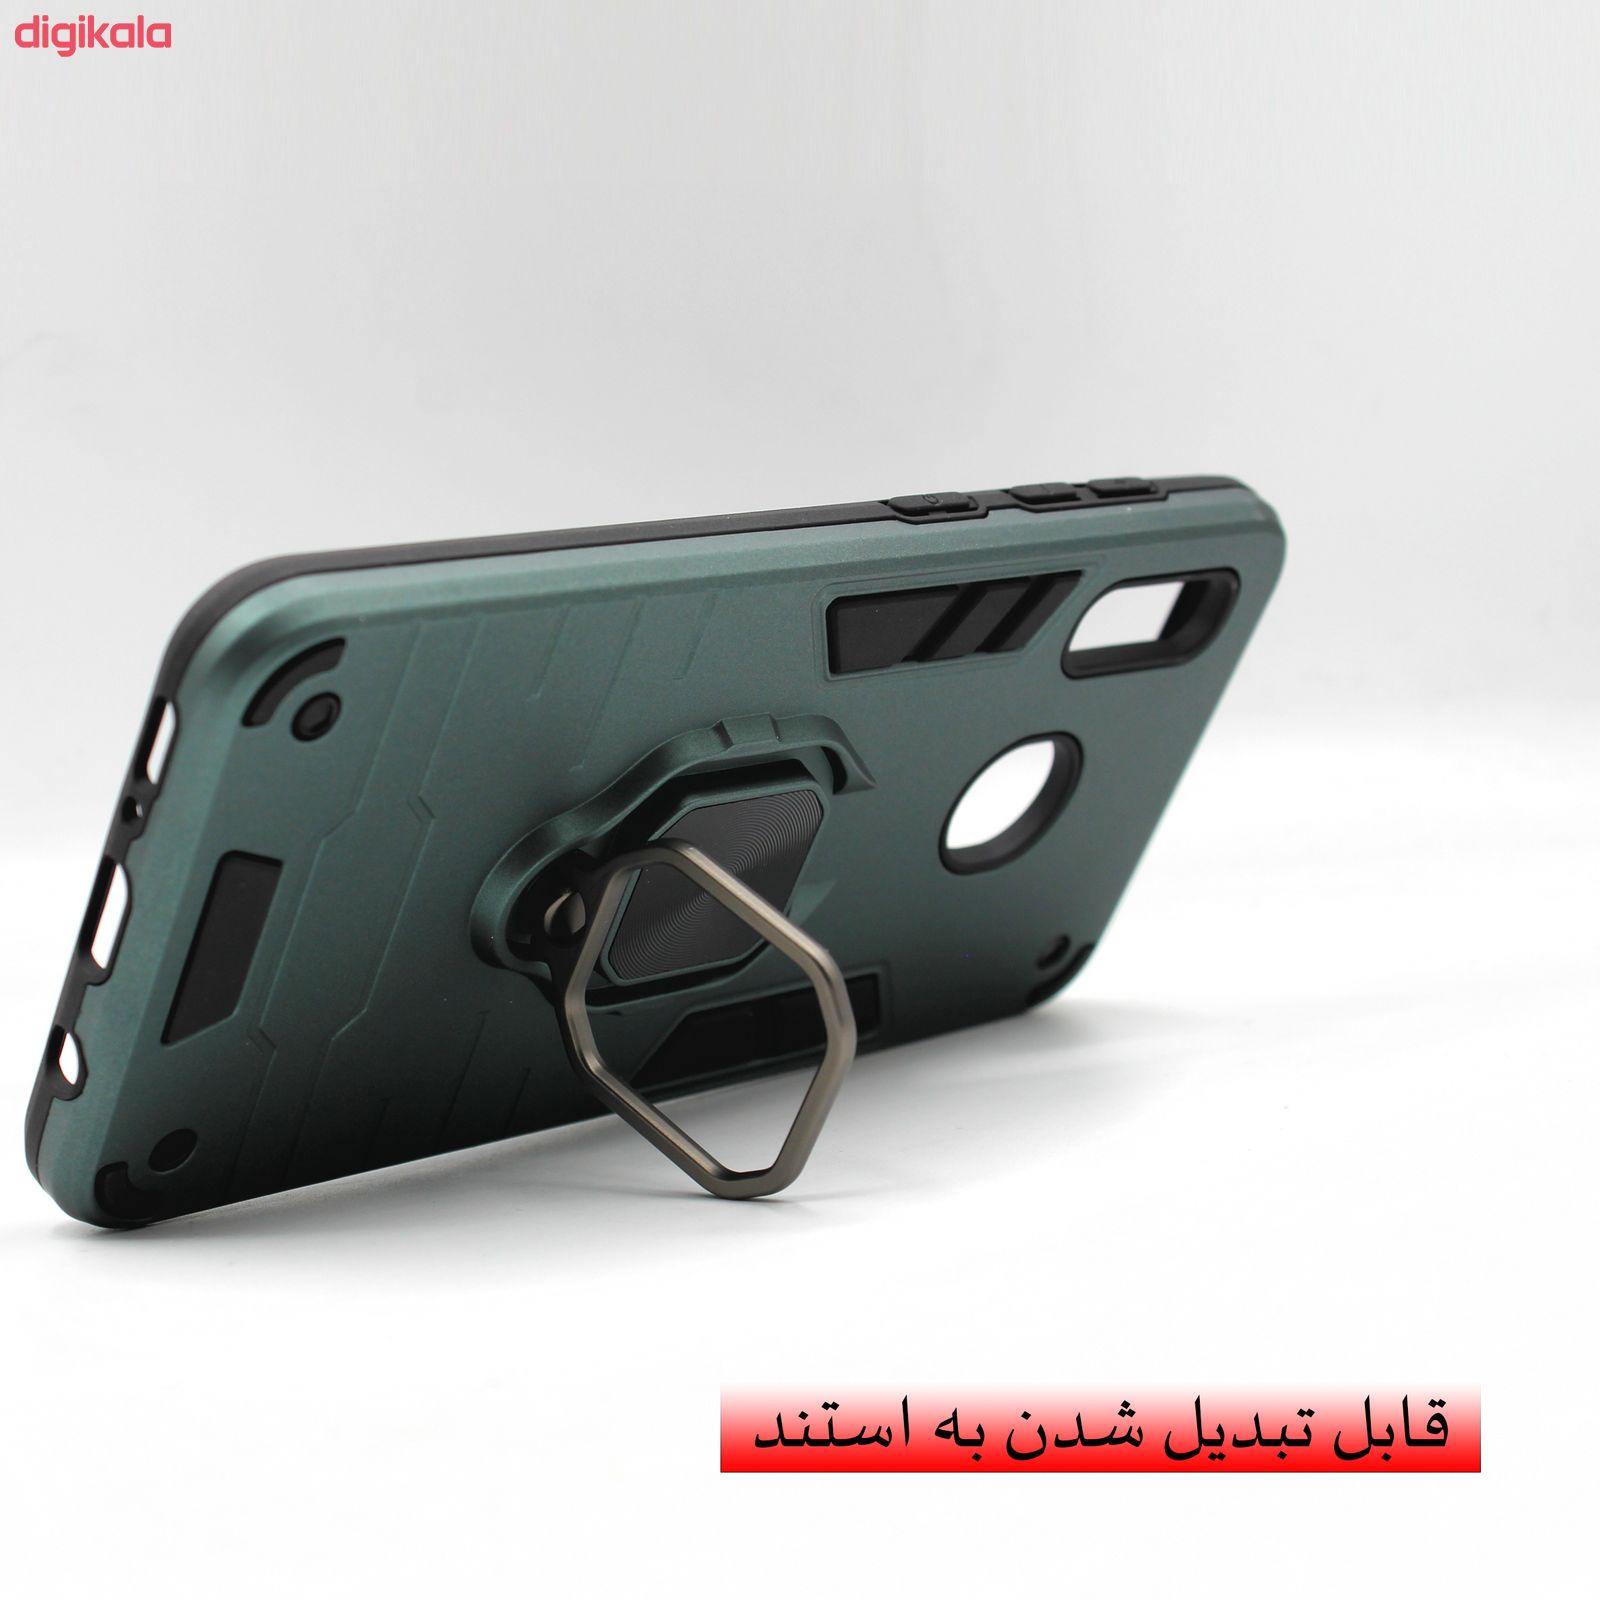 کاور کینگ پاور مدل ASH22 مناسب برای گوشی موبایل سامسونگ Galaxy A20s main 1 3